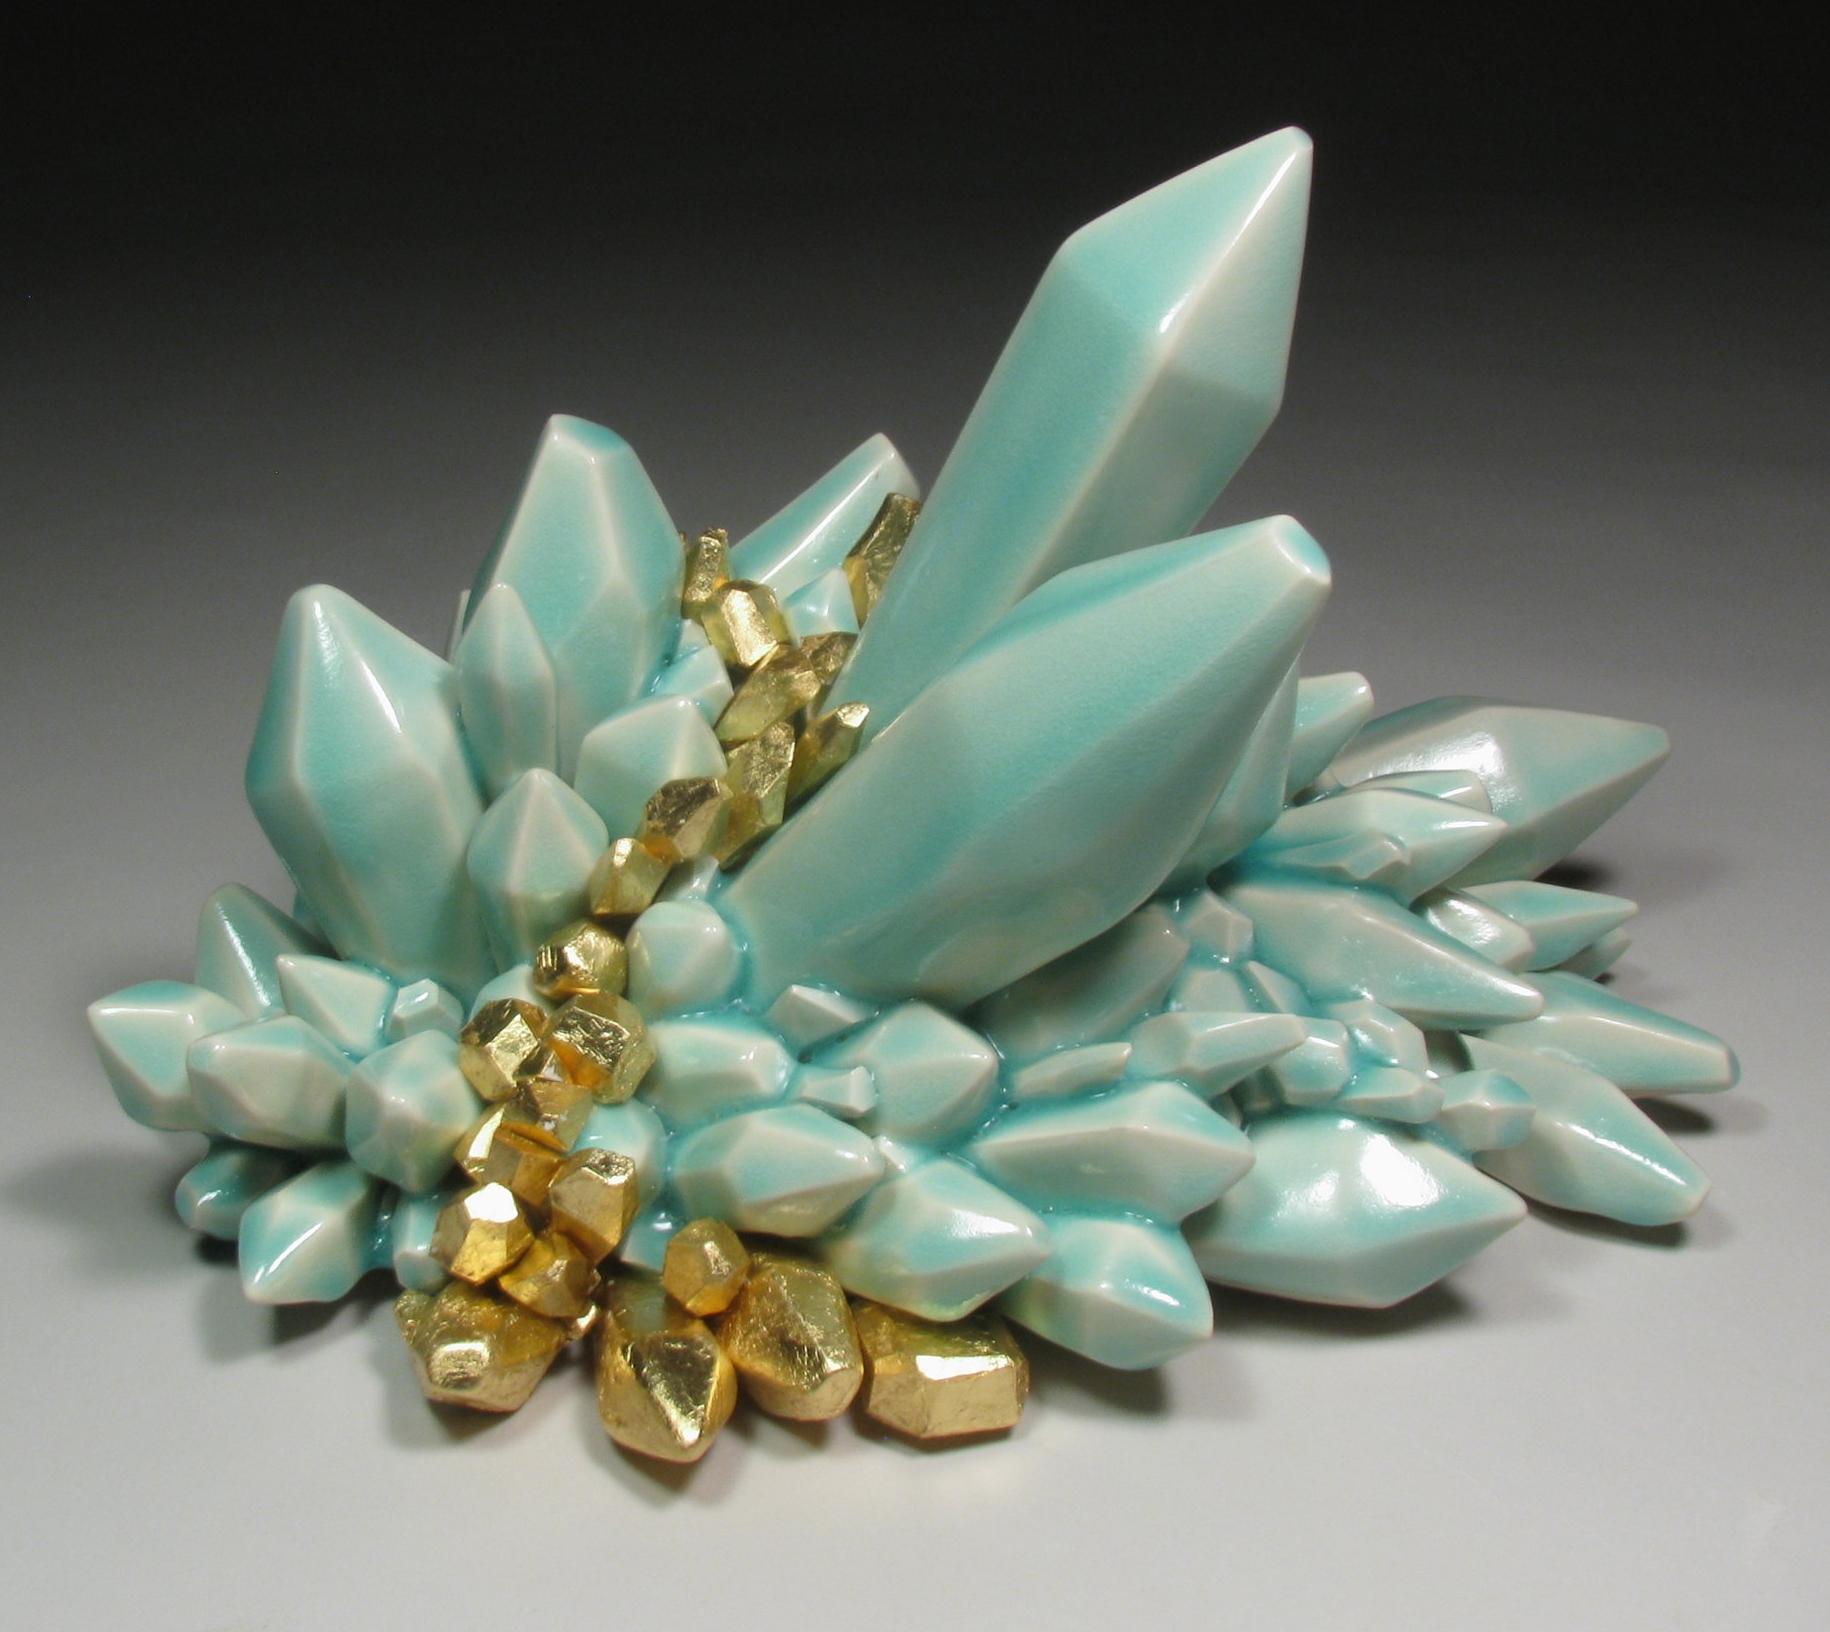 Metallic Vein (Turquoise), 2014